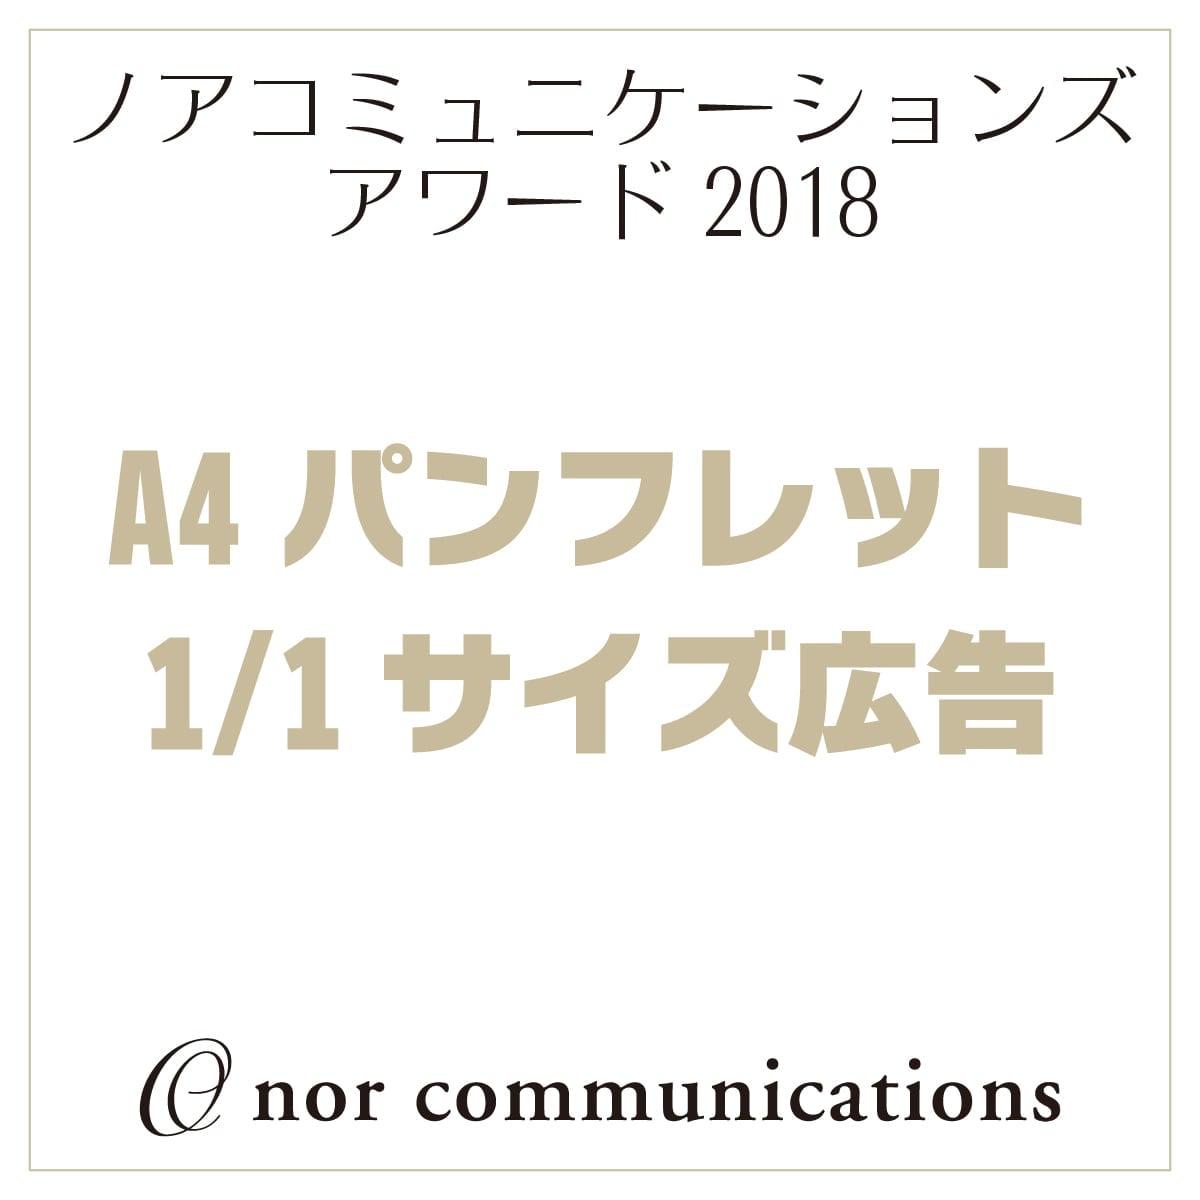 【特別協賛】ノアコミュニケーションズアワード2018特別協賛チケット《先着限定5社》のイメージその2